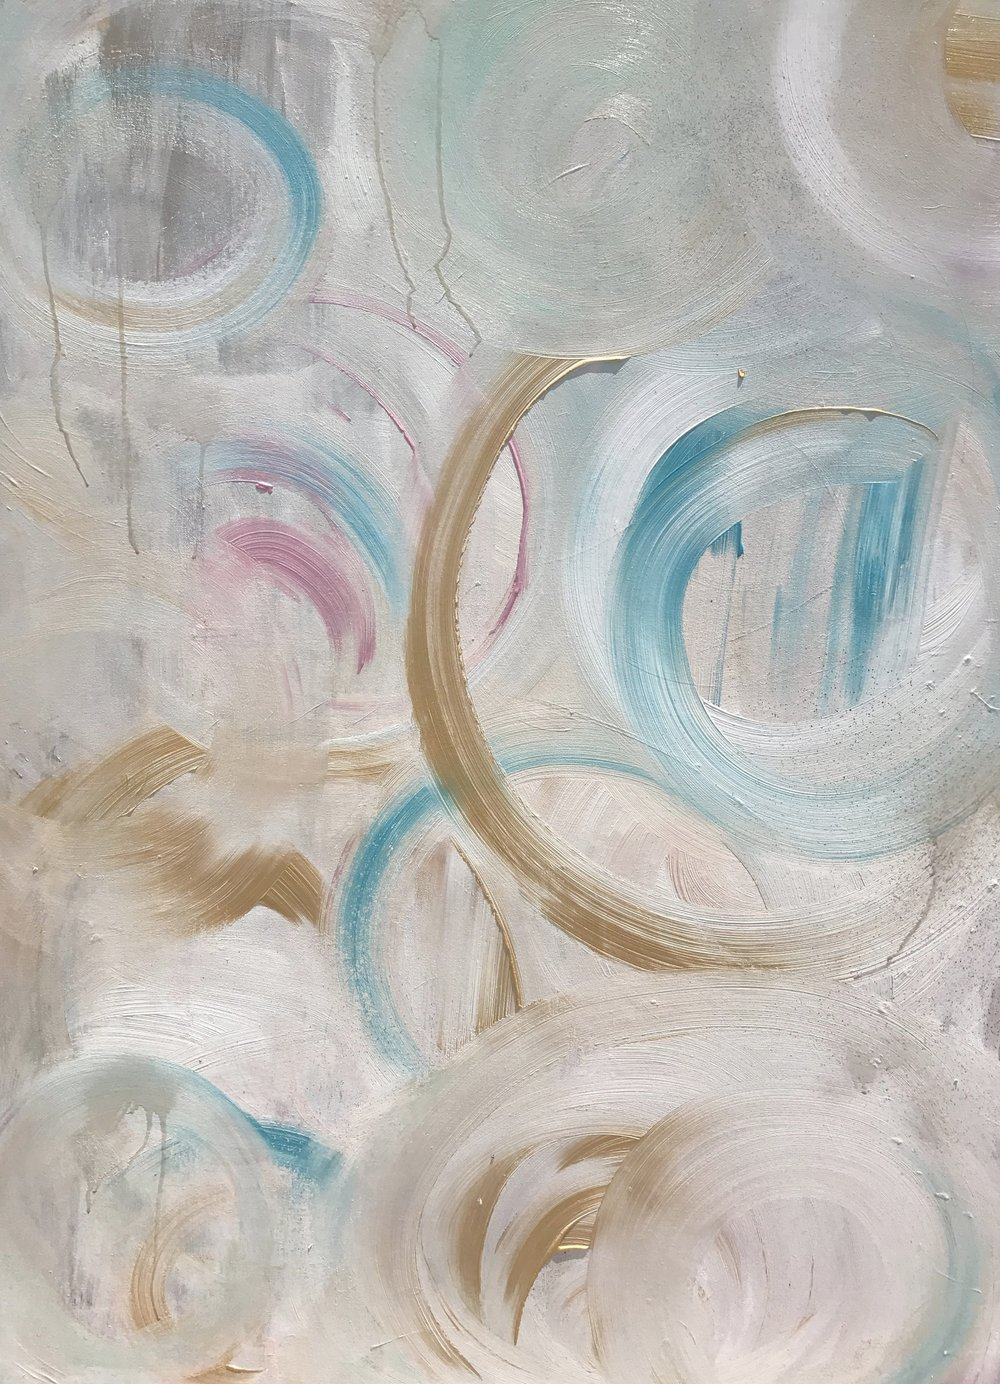 Waves acrylic on canvas